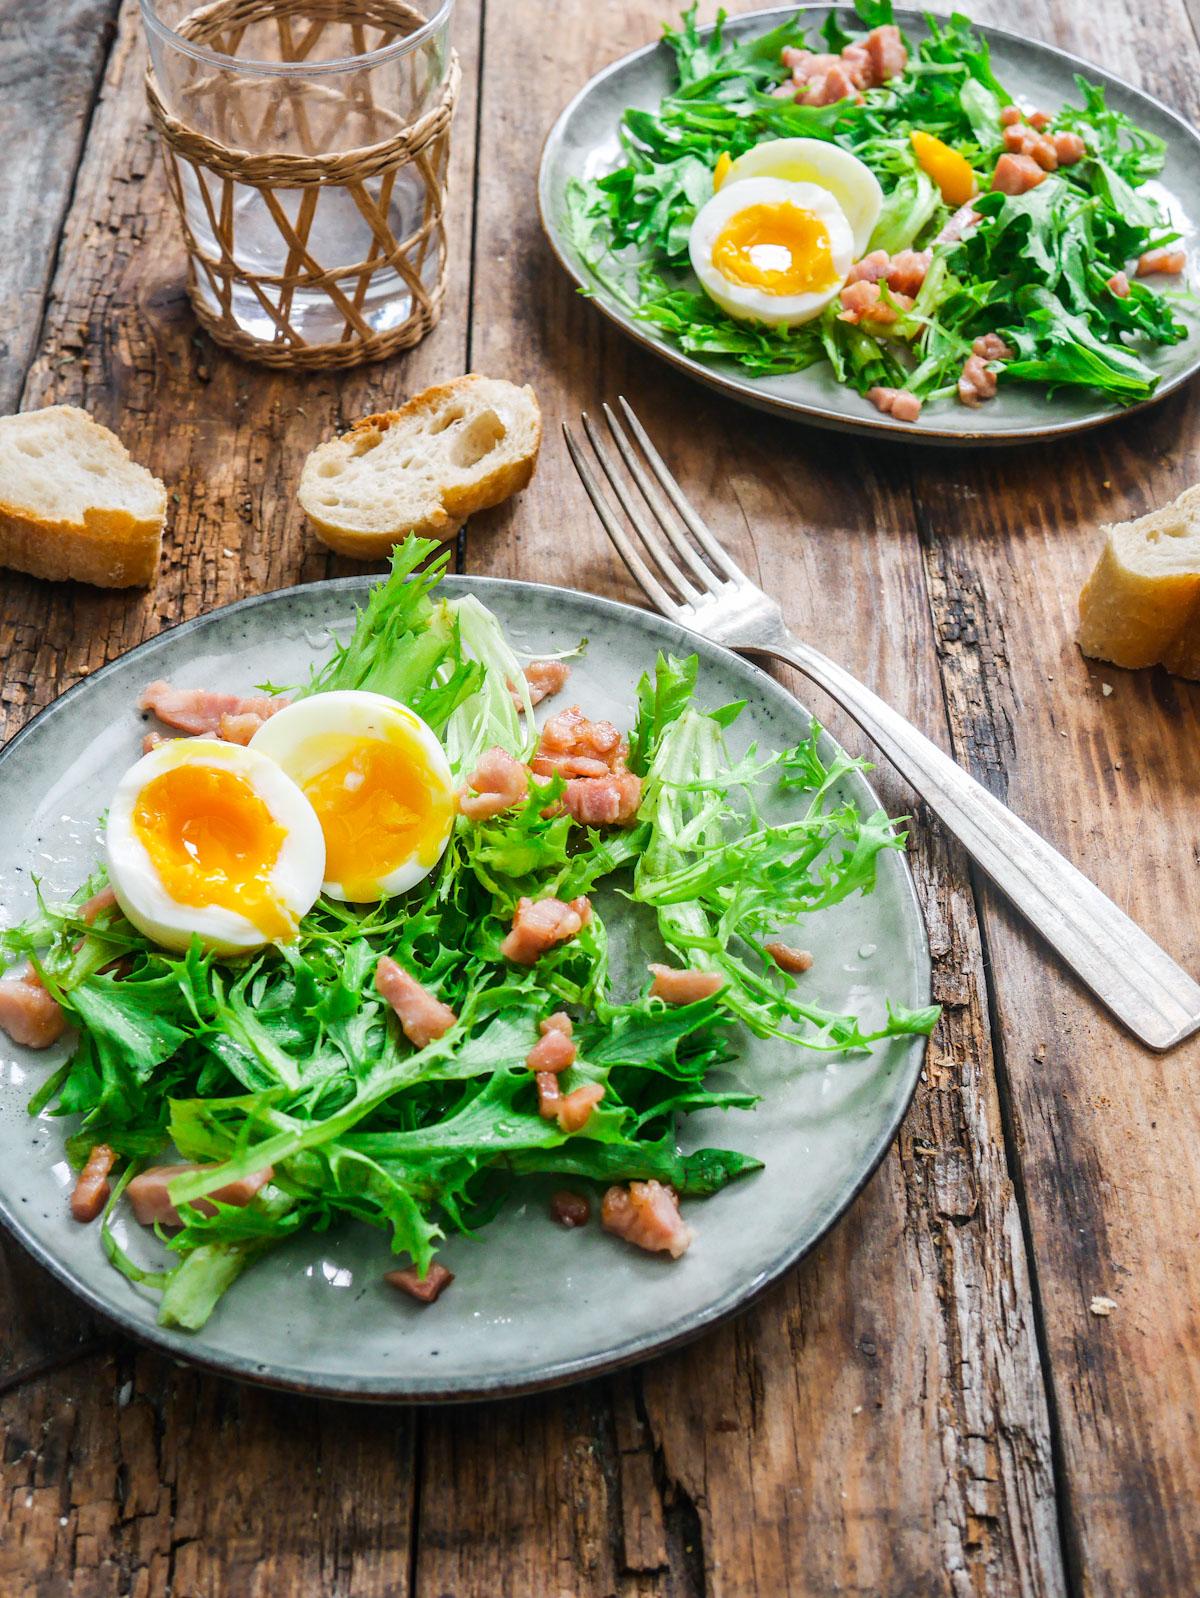 salade frisée aux lardons et oeufs mollets